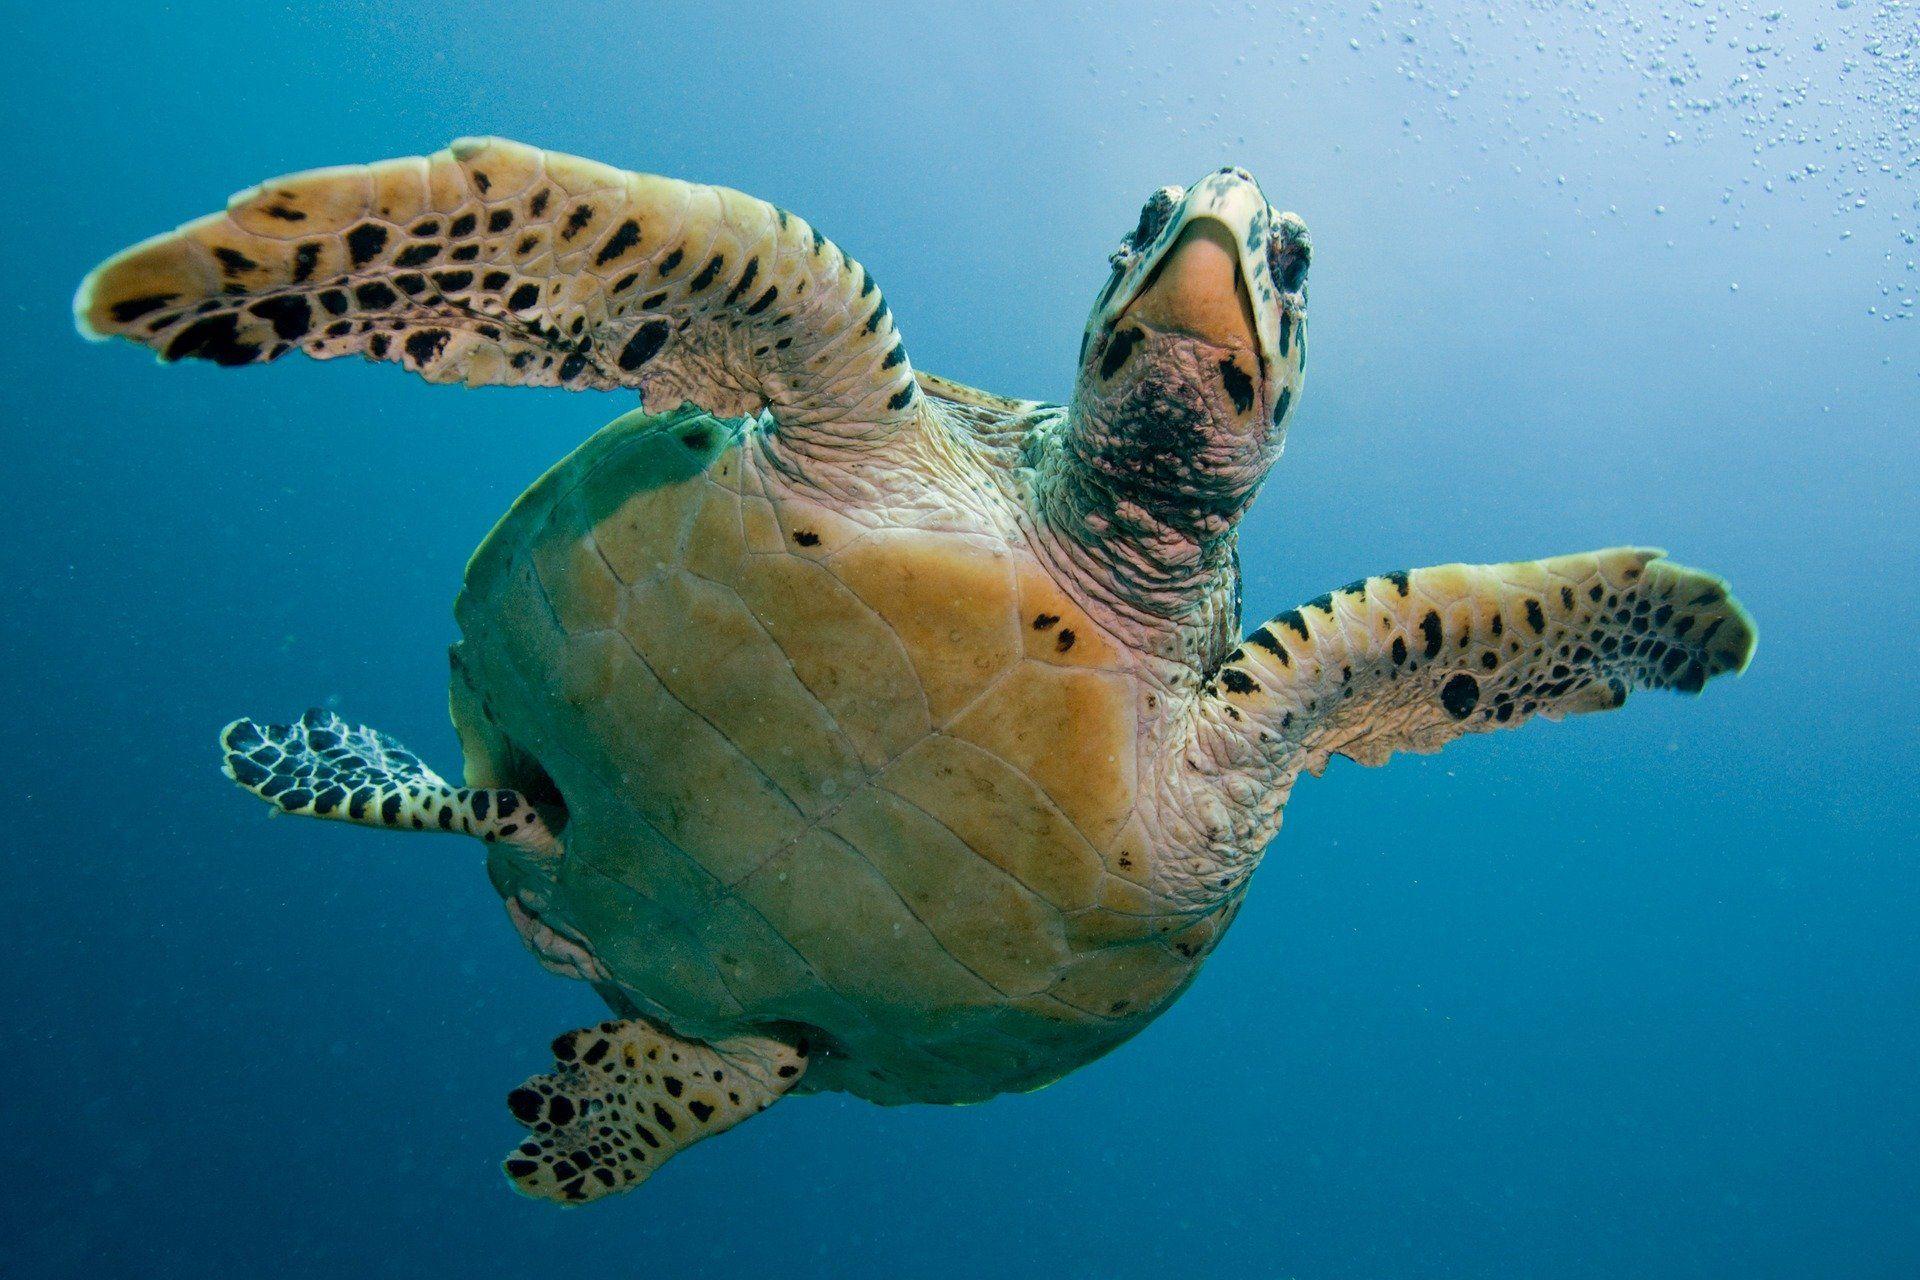 Смотреть лучшее фото черепахи бесплатно